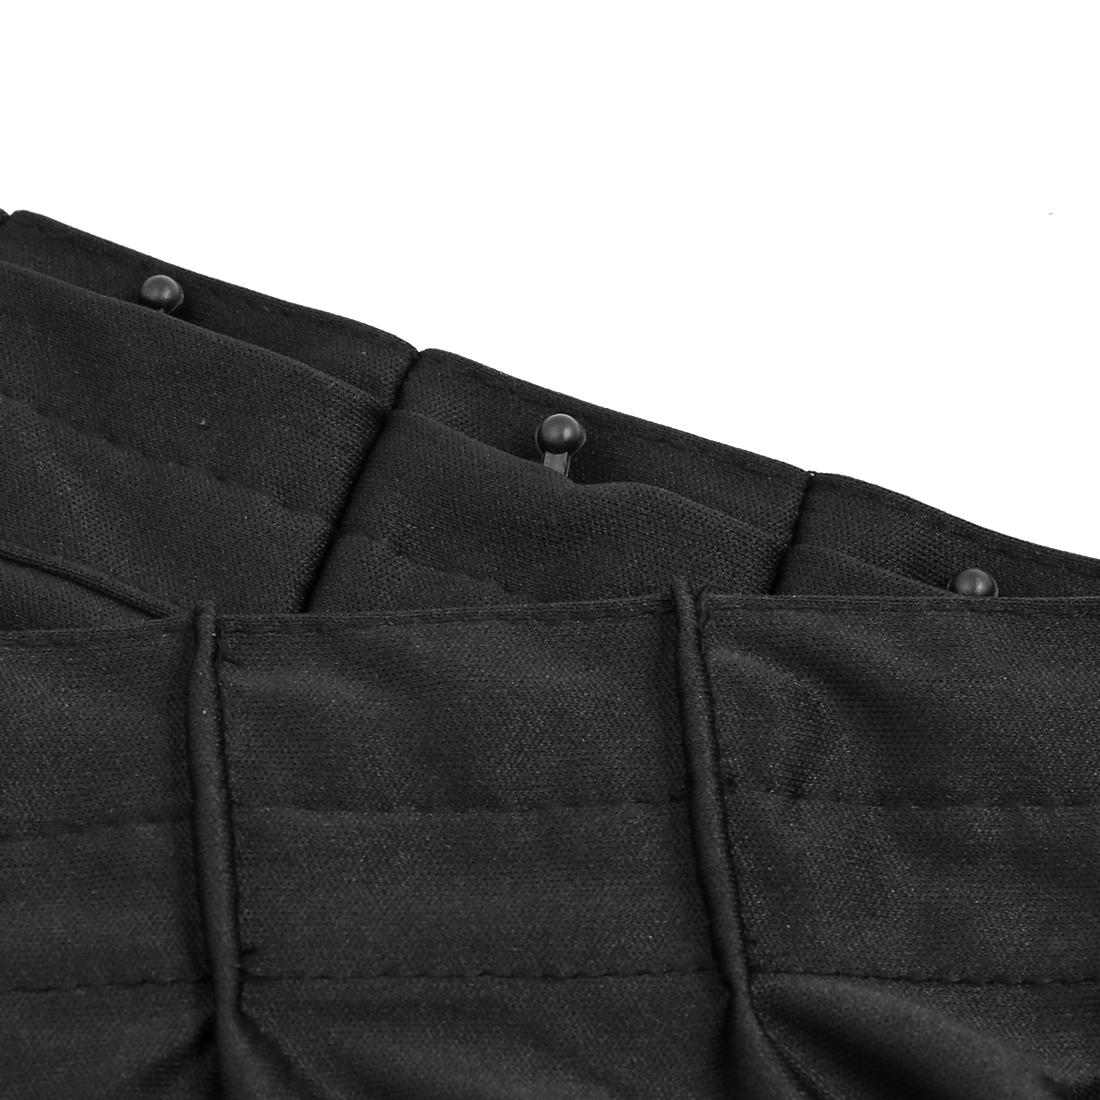 2 Pcs 70 x 47cm réglable noir VIP Voiture rideau pare-soleil pare-soleil fenêtre UV - image 6 de 7